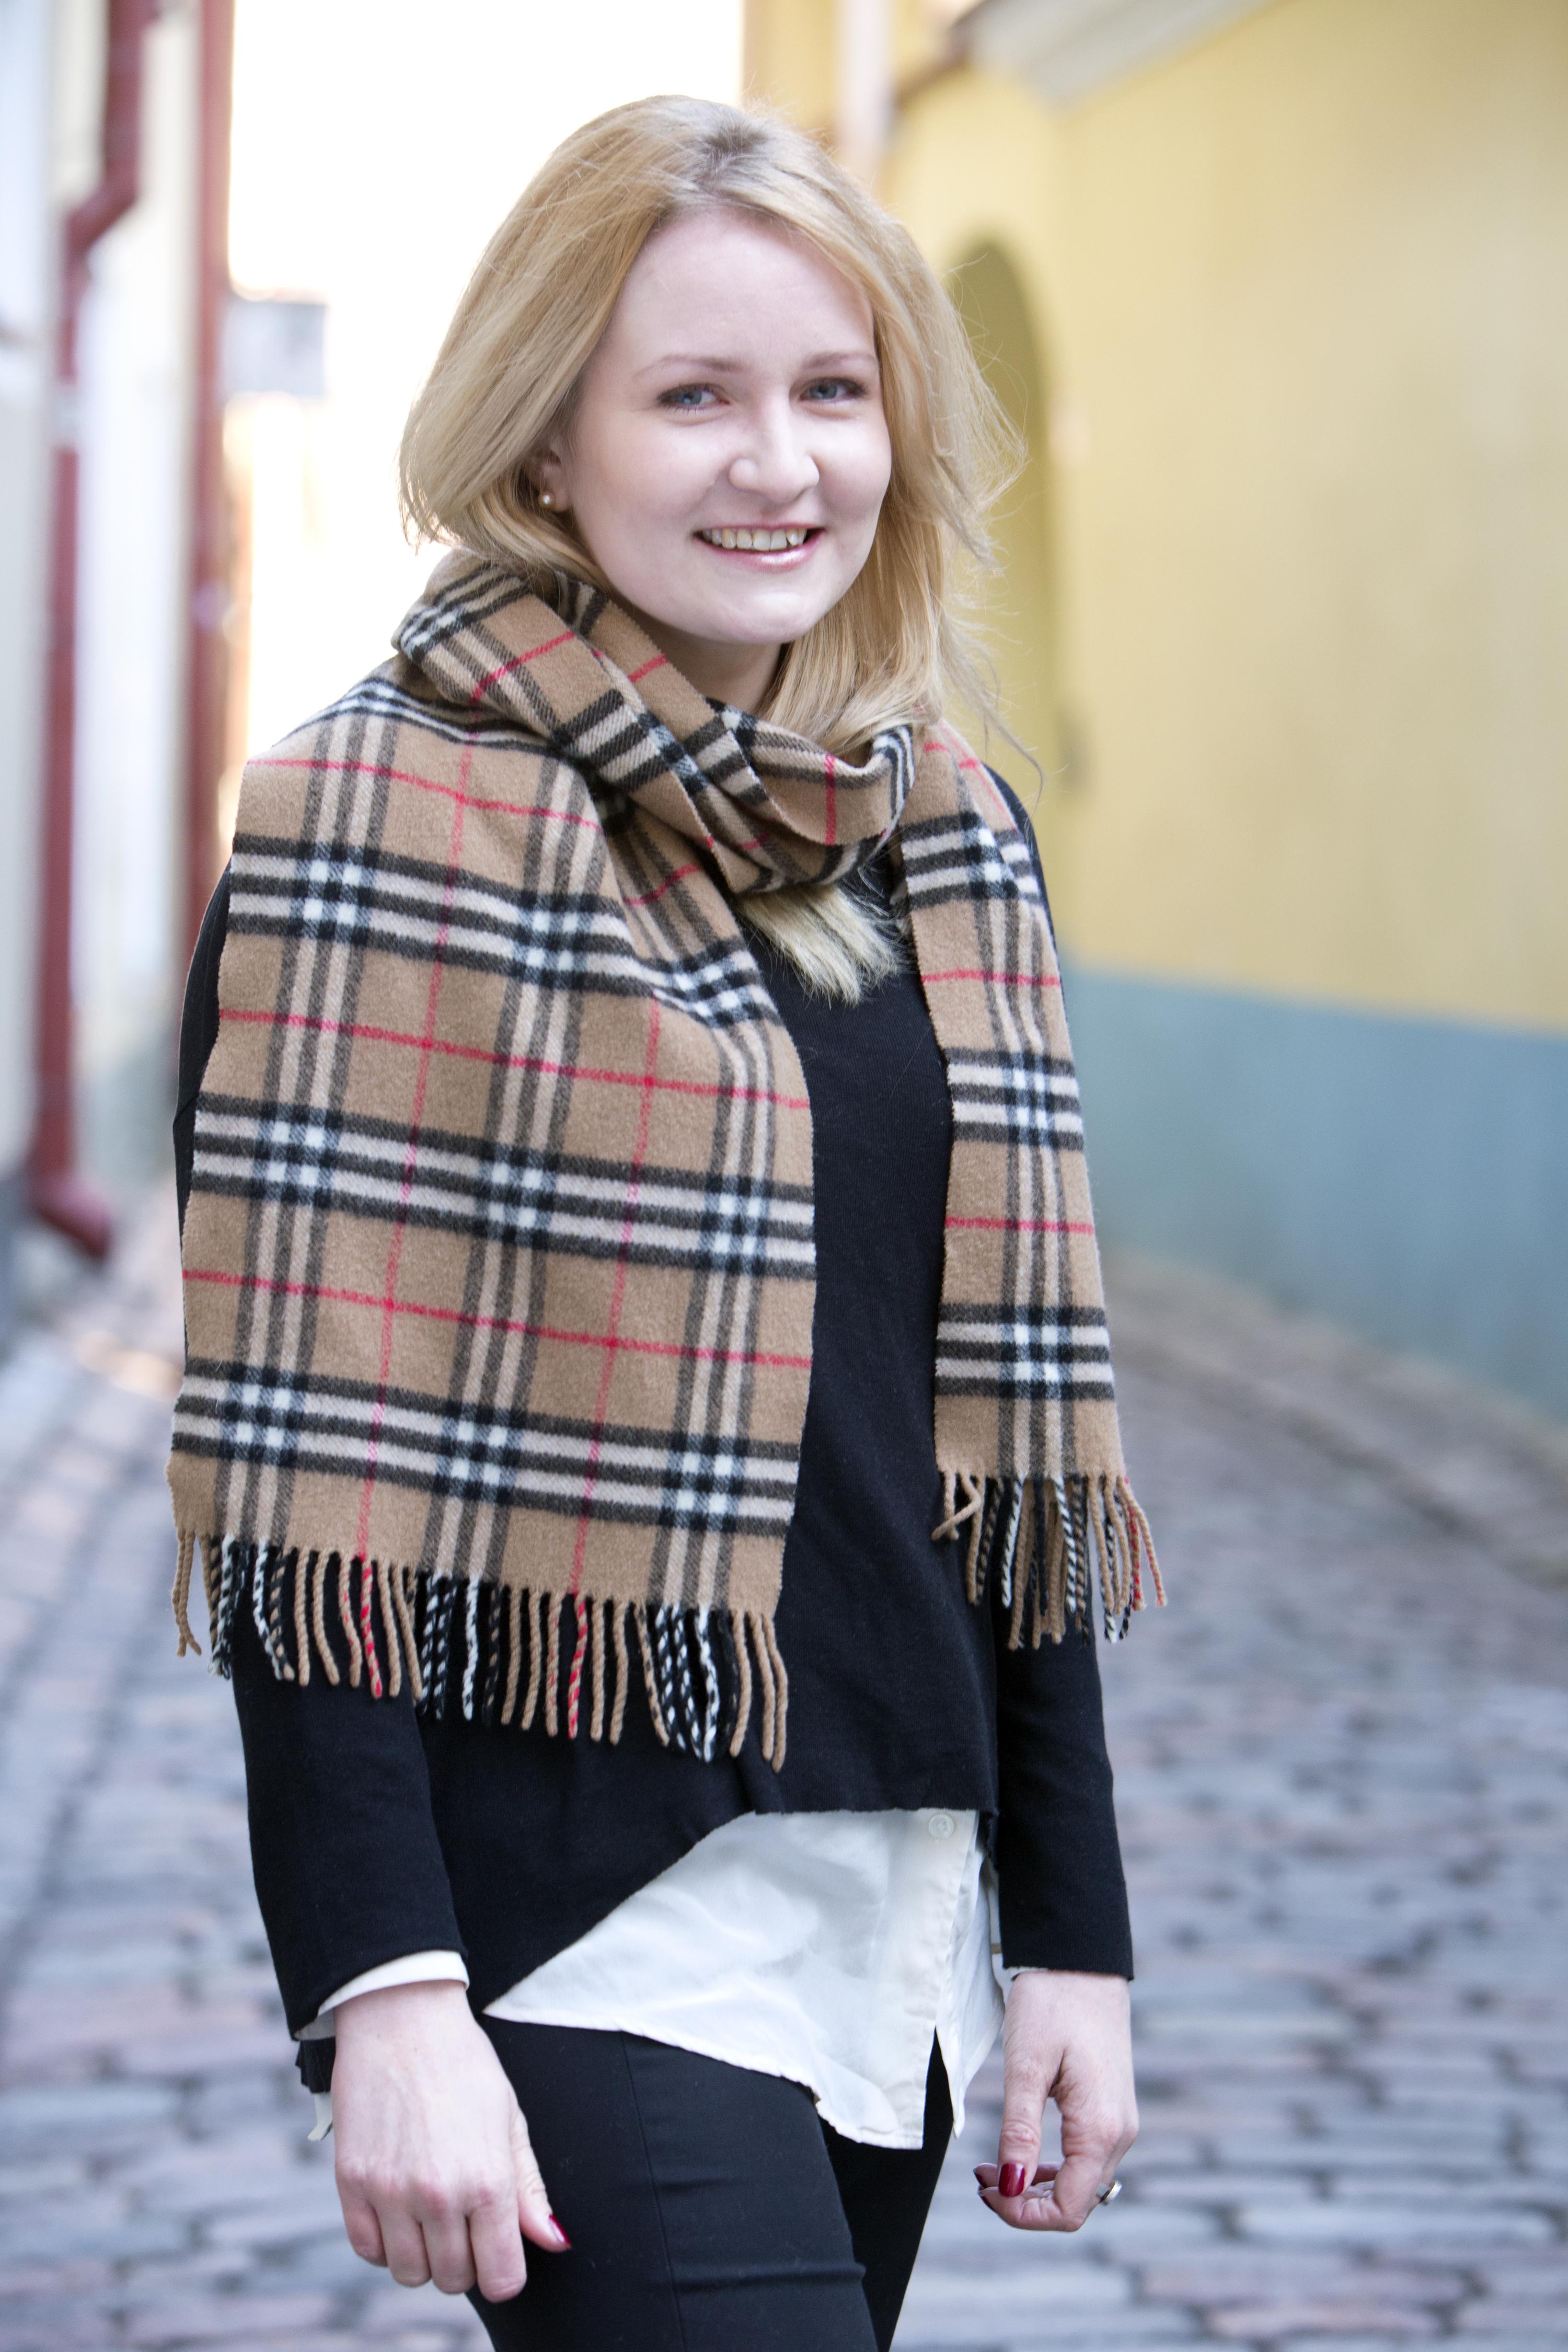 Image for Хельга Кальм в эфире «Raadio 2» (на эстонском)